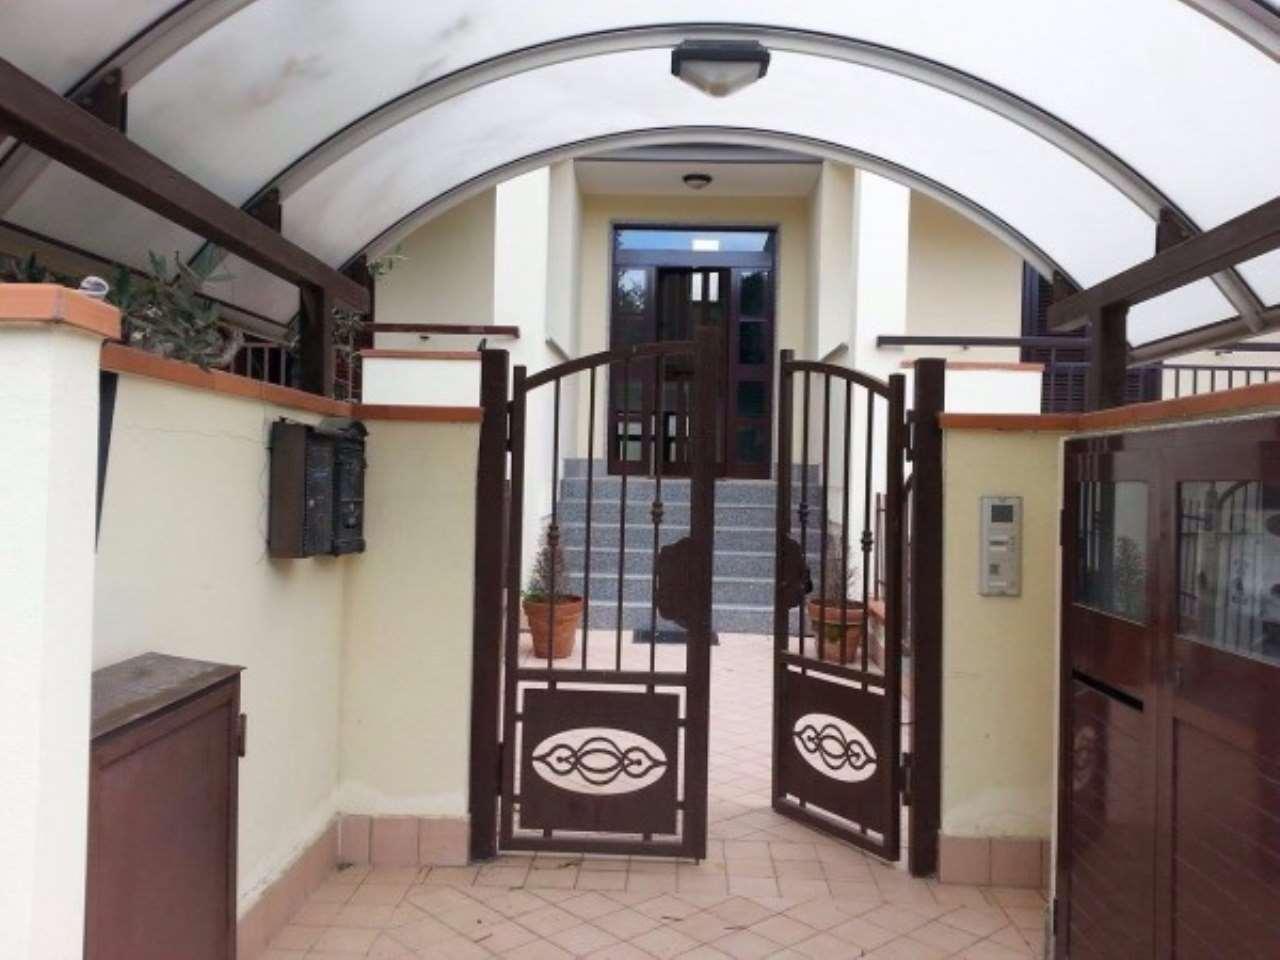 Appartamento in vendita a Ascea, 2 locali, prezzo € 125.000 | Cambio Casa.it